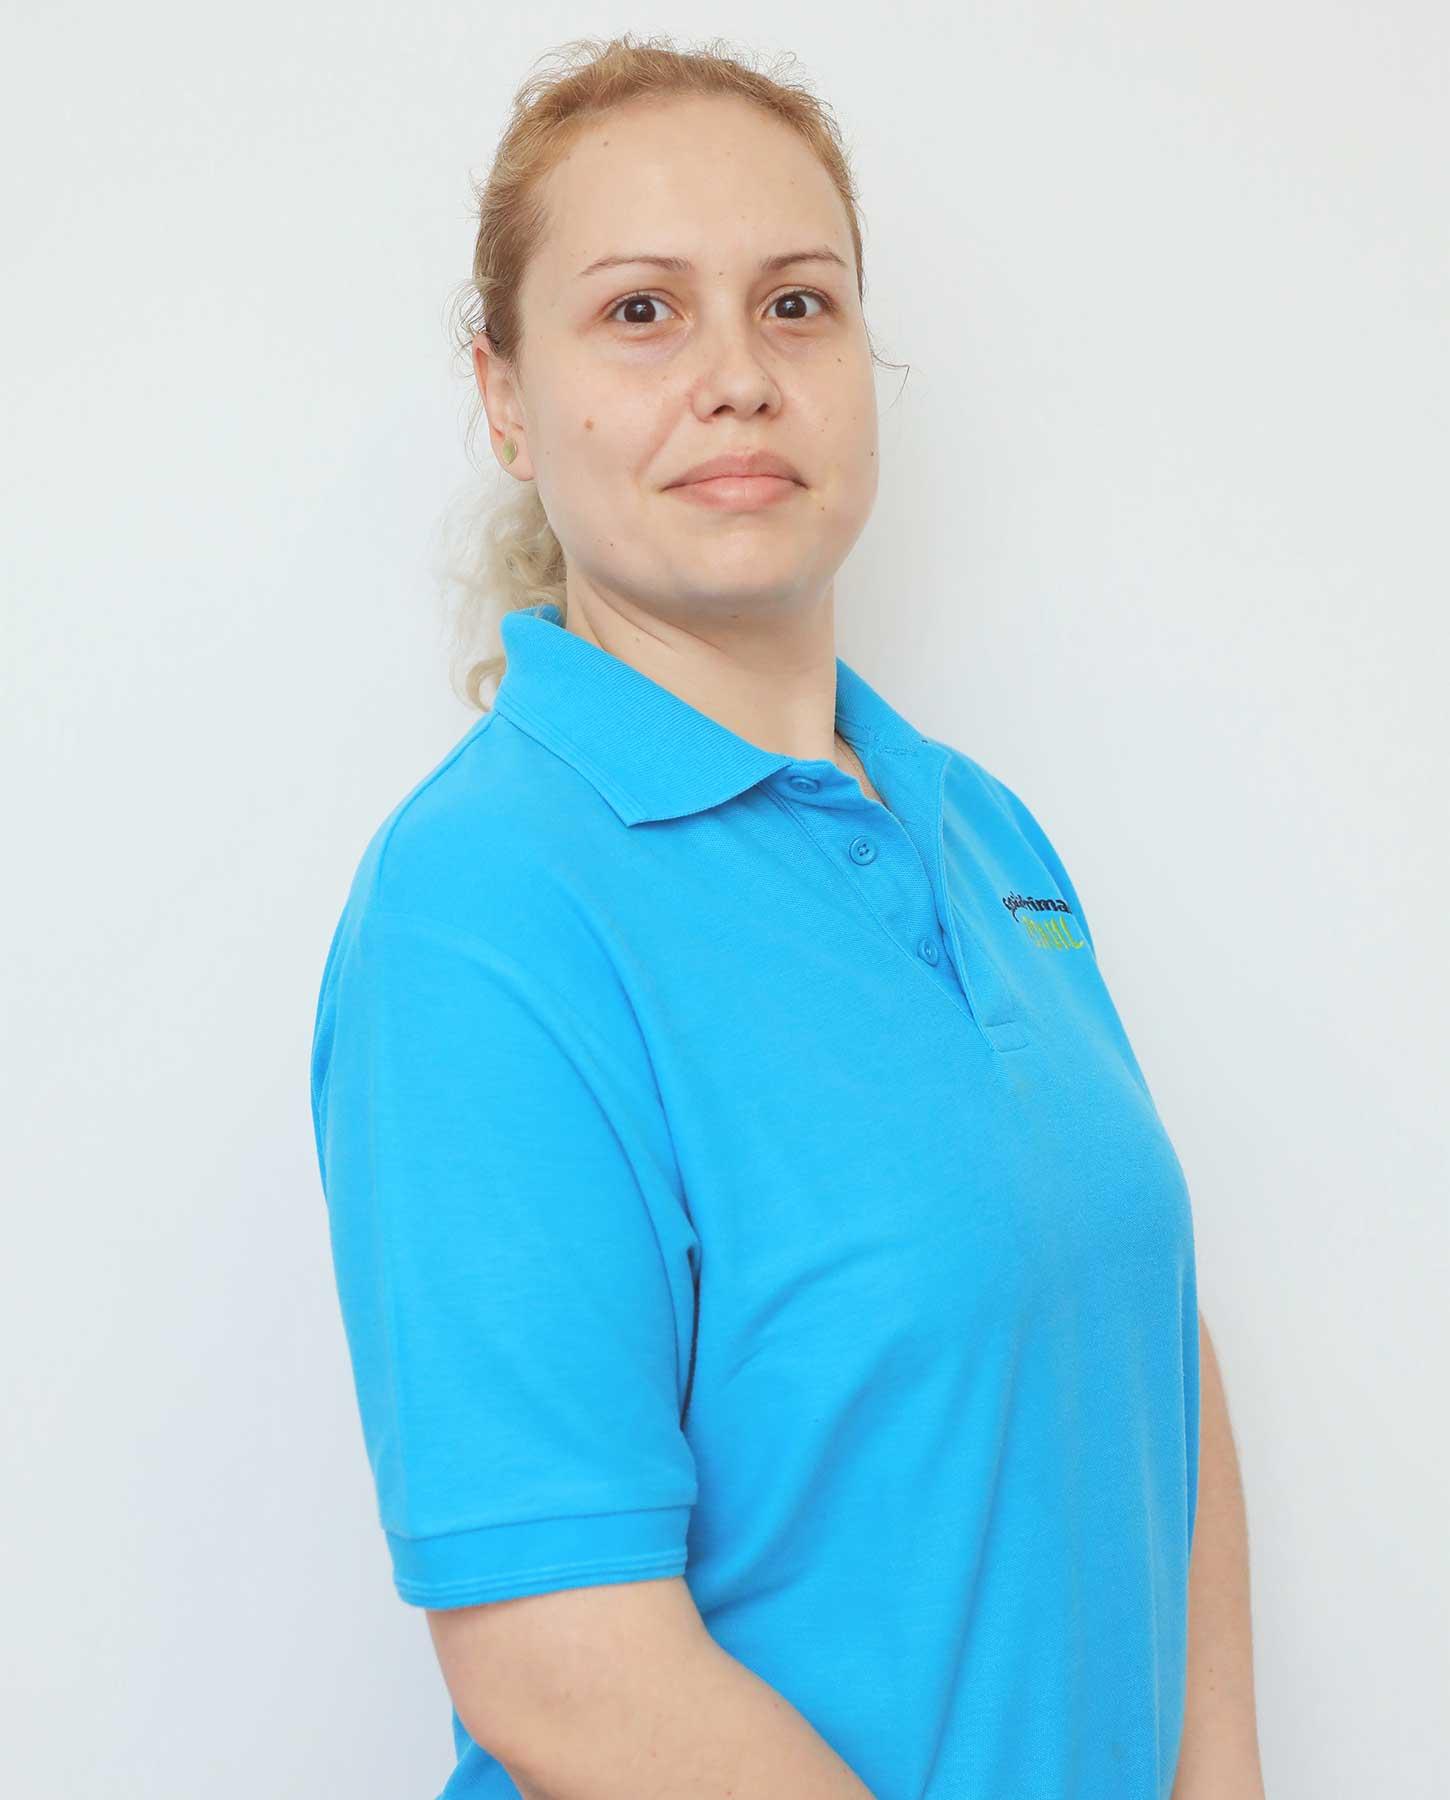 Alina Ciochină